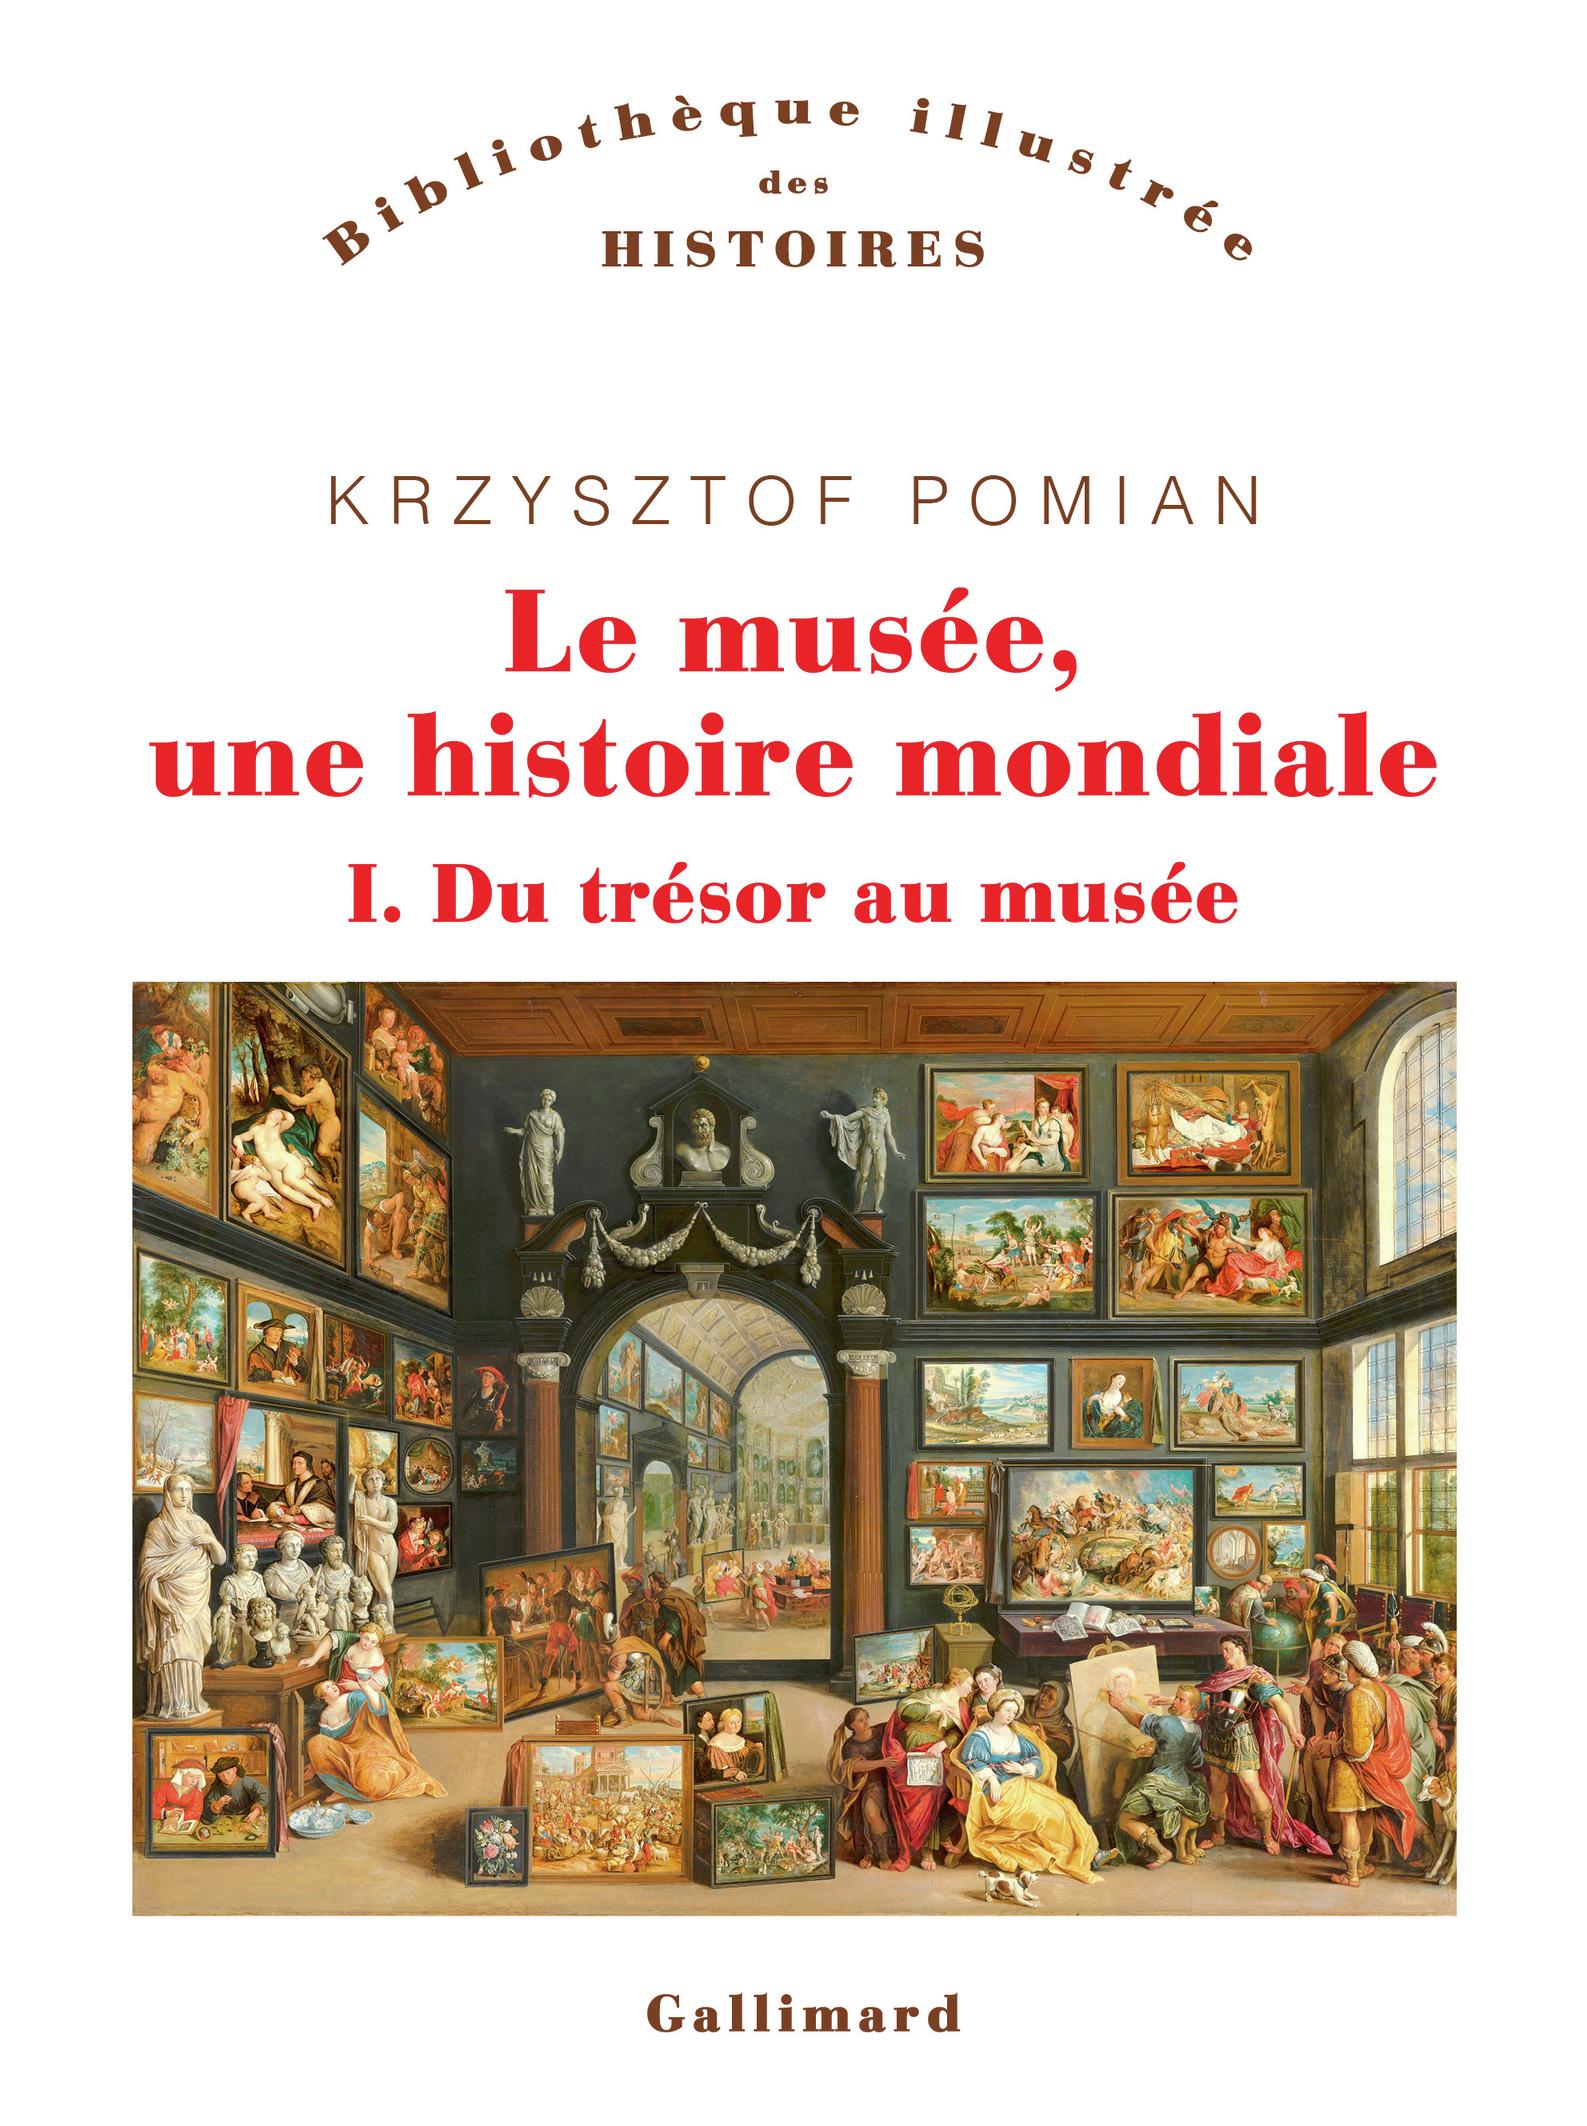 Une histoire mondiale du musée